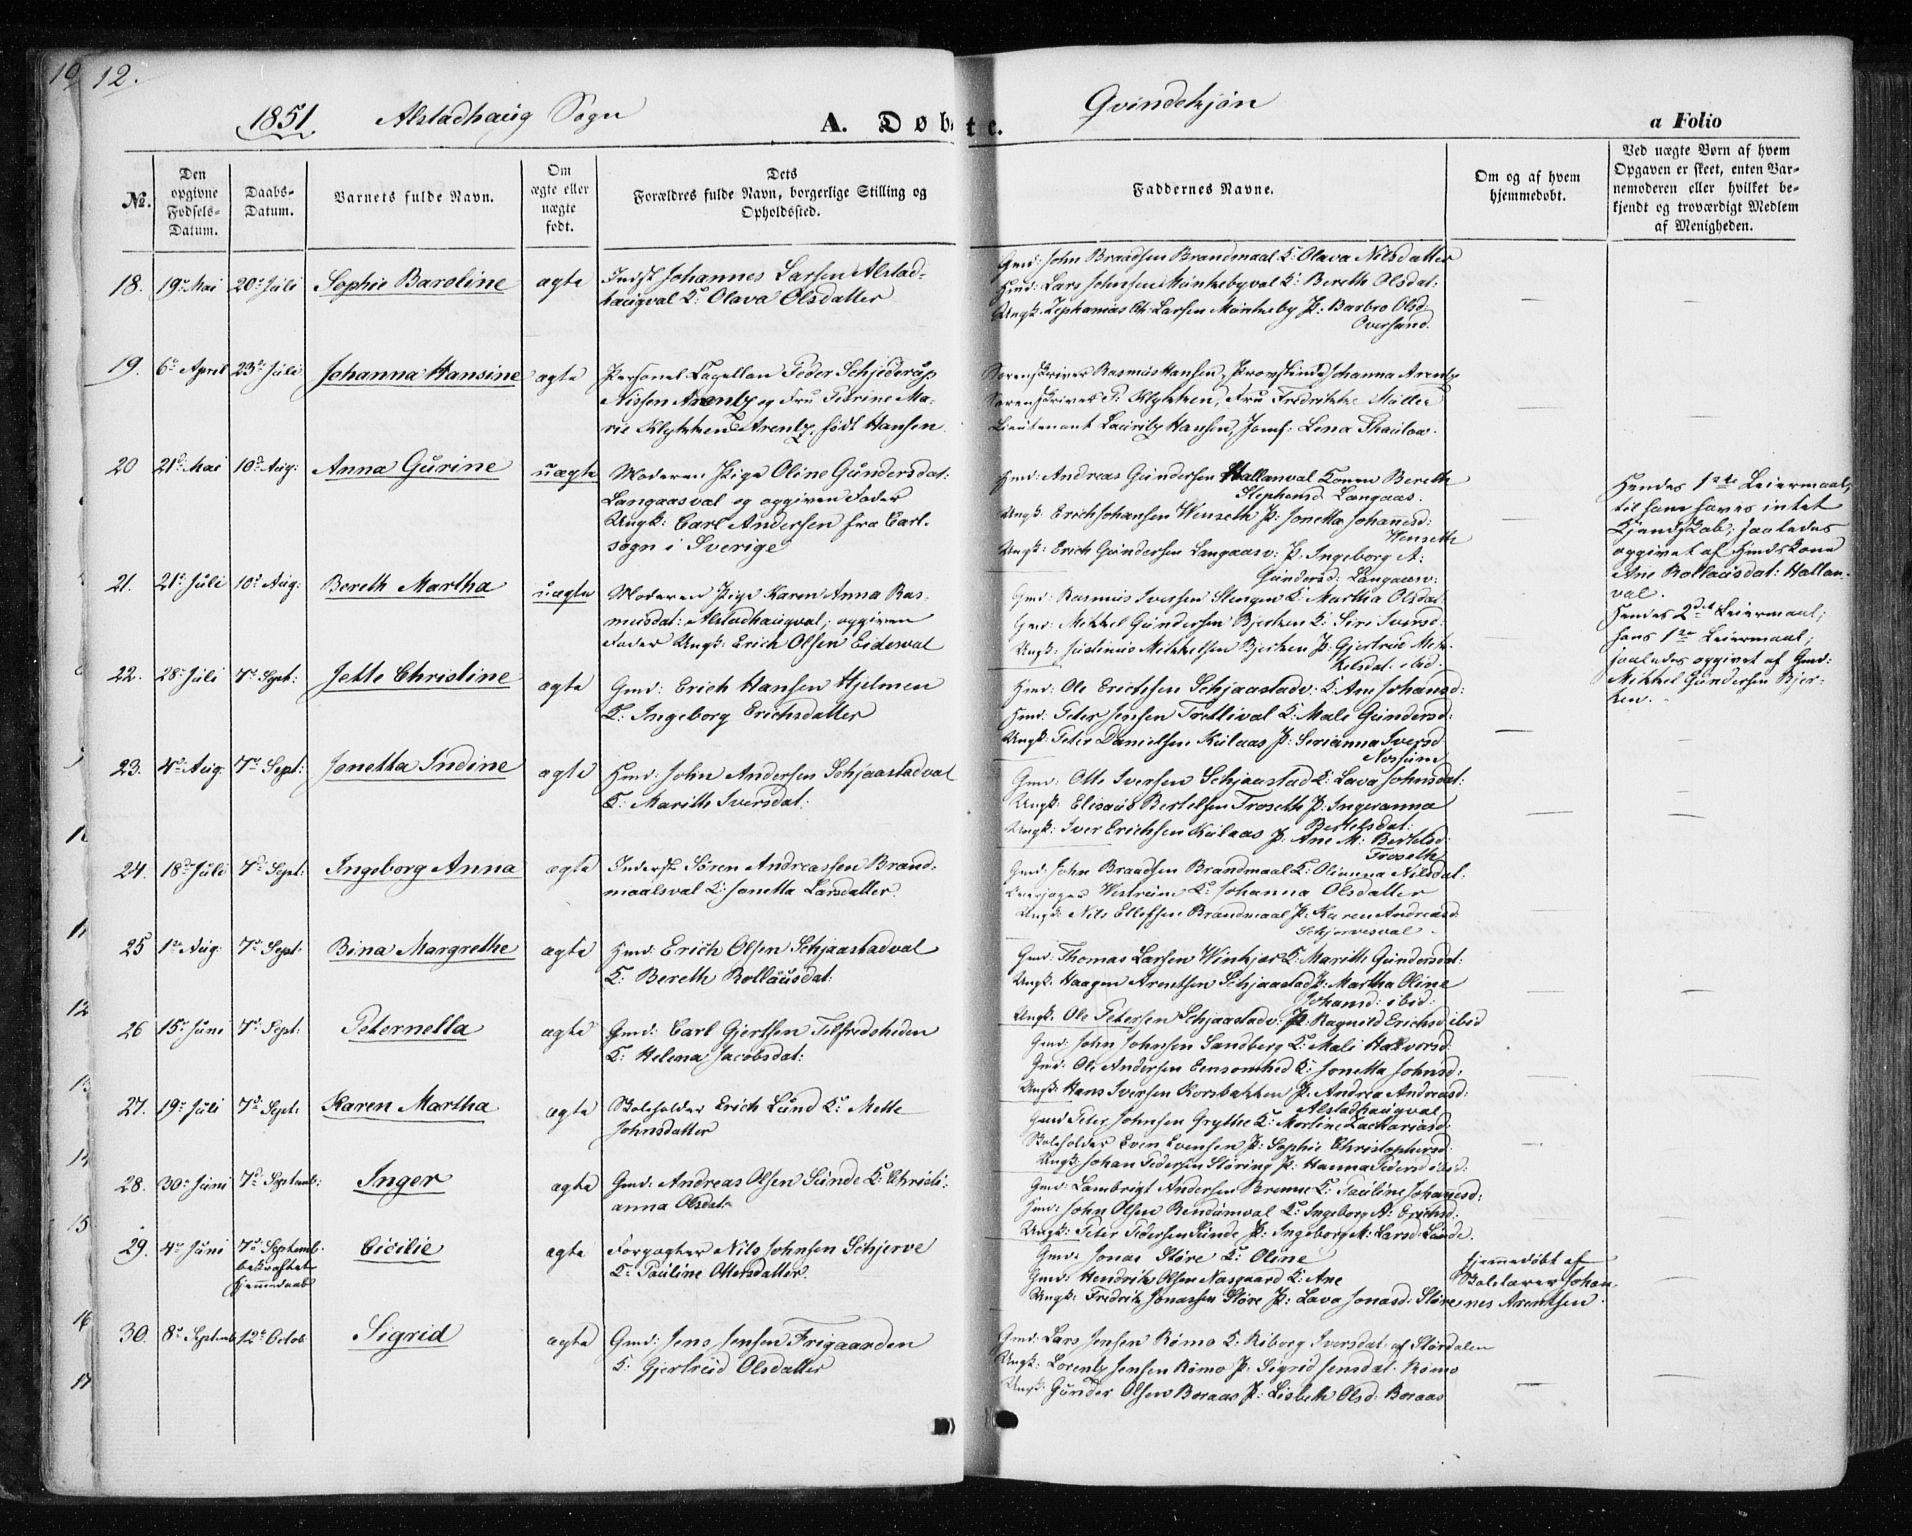 SAT, Ministerialprotokoller, klokkerbøker og fødselsregistre - Nord-Trøndelag, 717/L0154: Ministerialbok nr. 717A07 /1, 1850-1862, s. 12